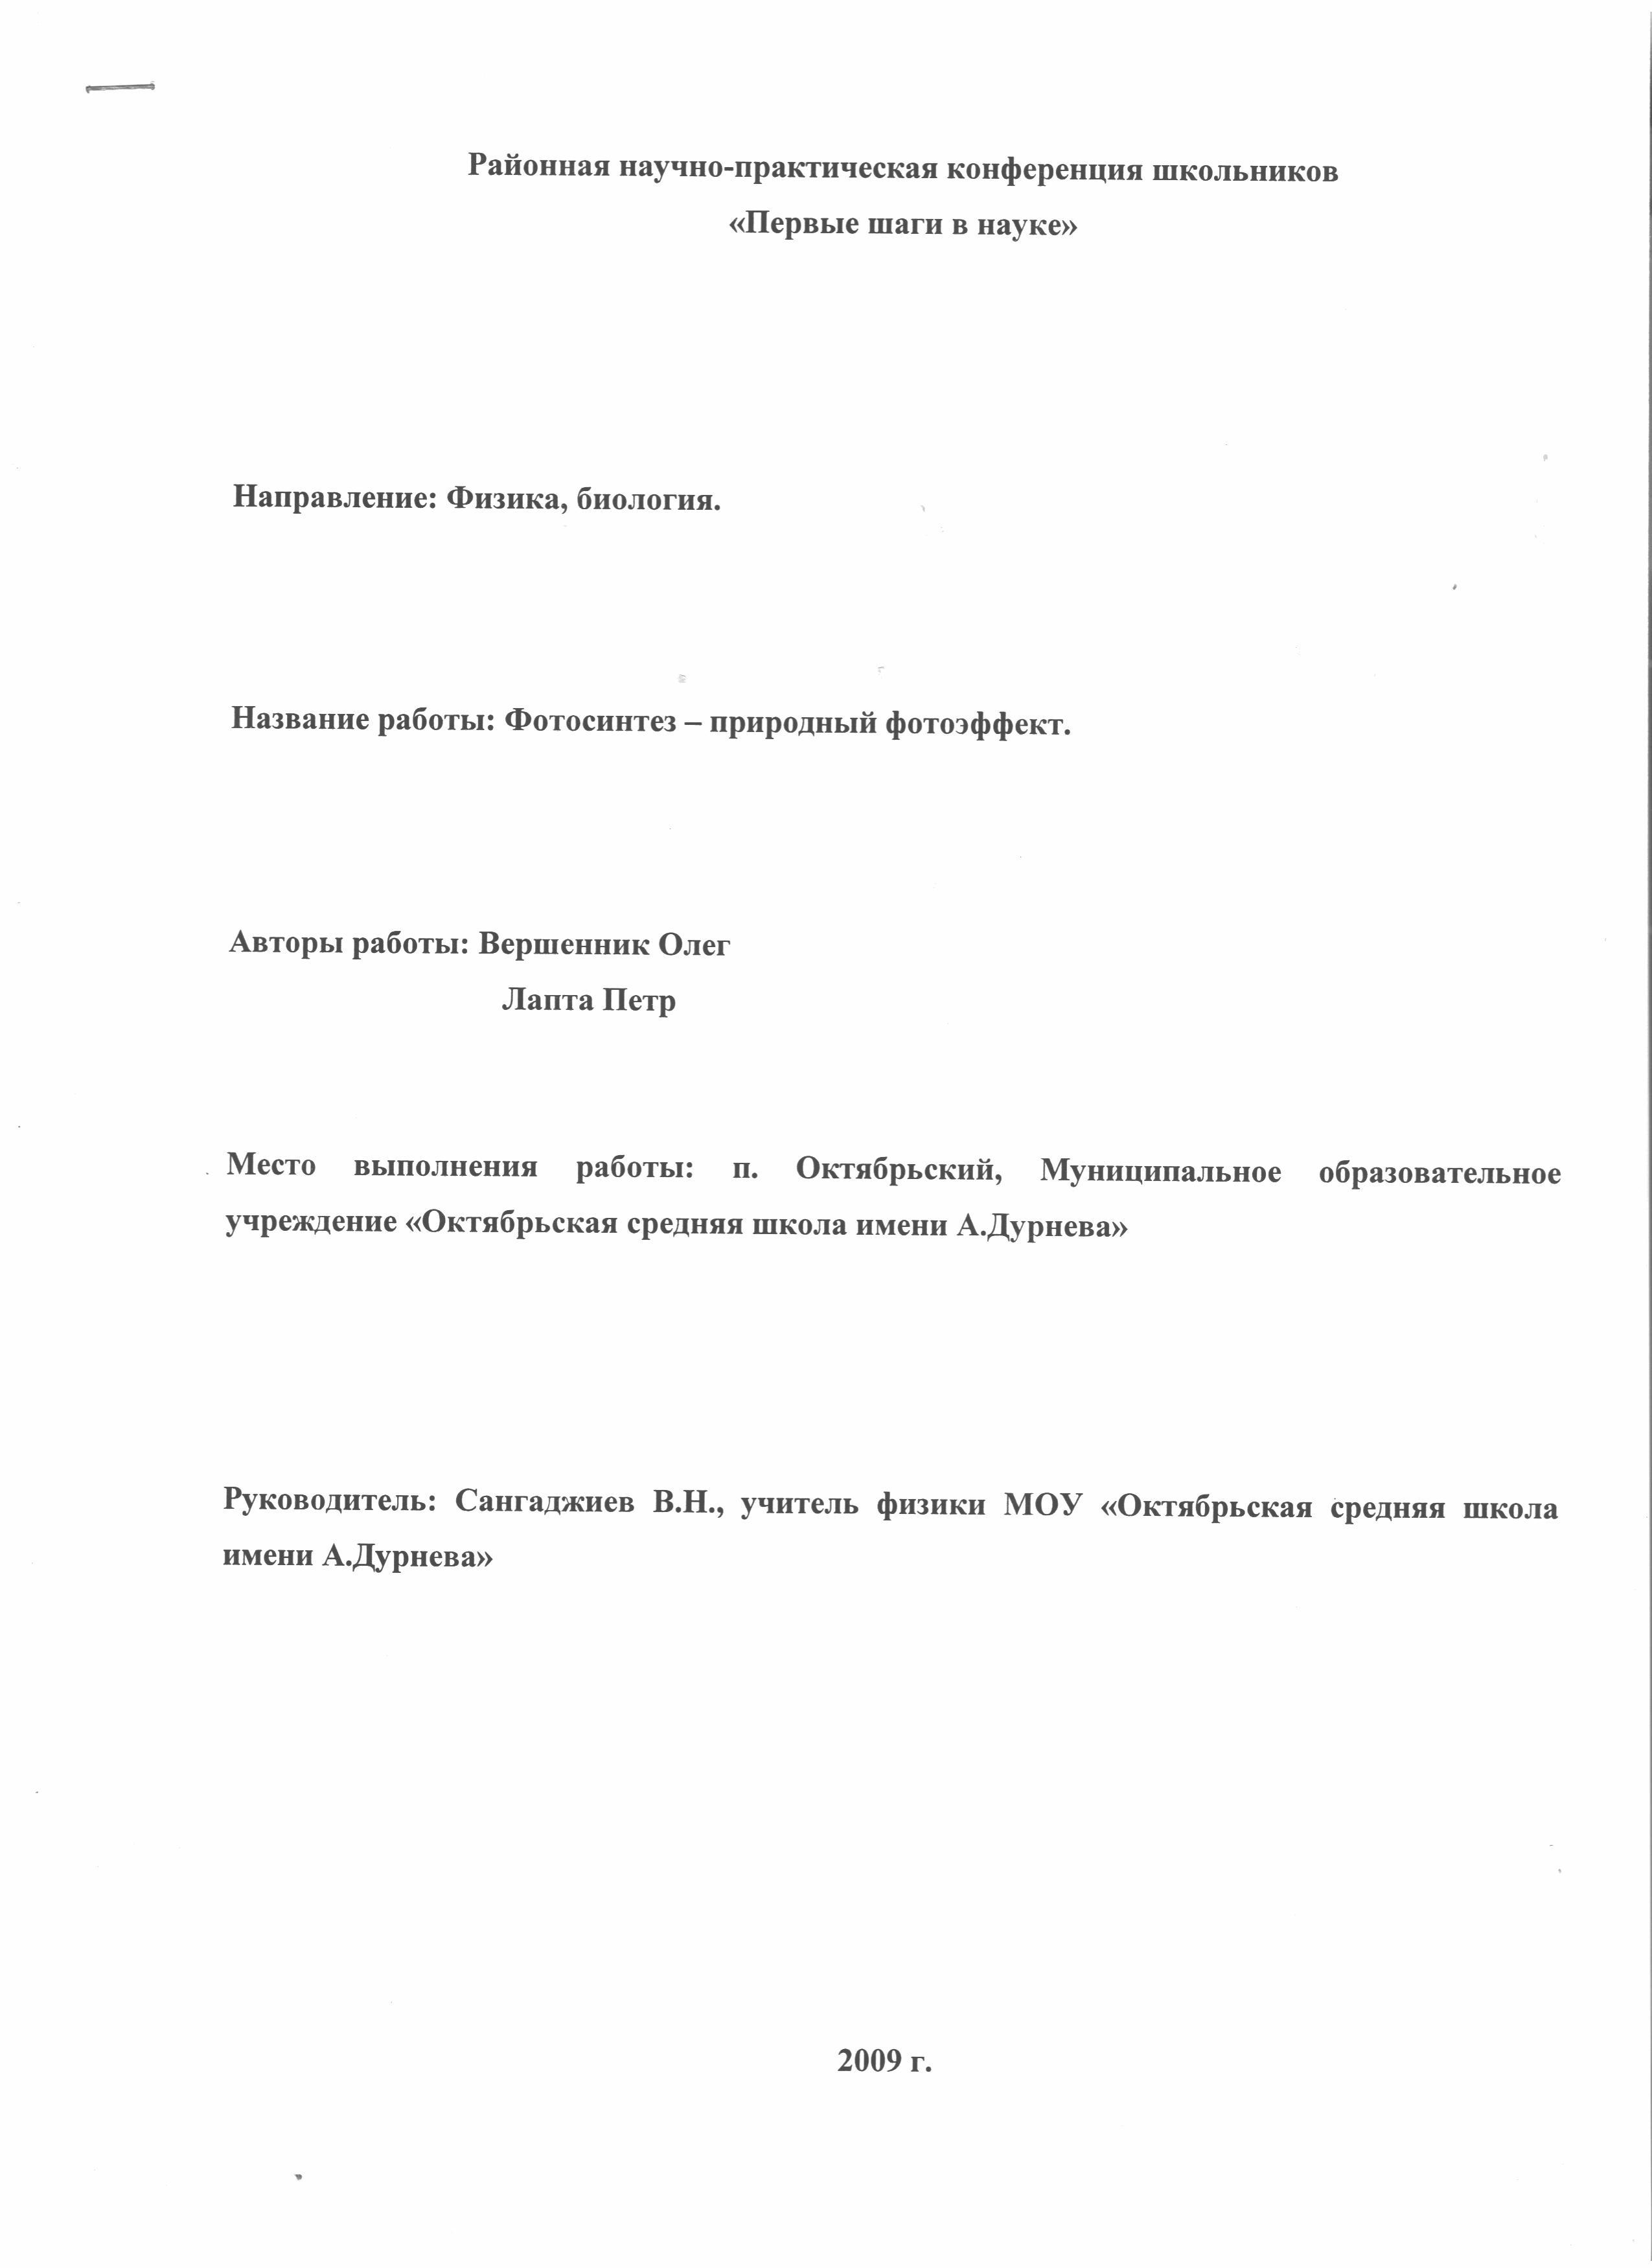 F:\диагностика\Сангаджиев В.Н\2015-09-28\016.tif